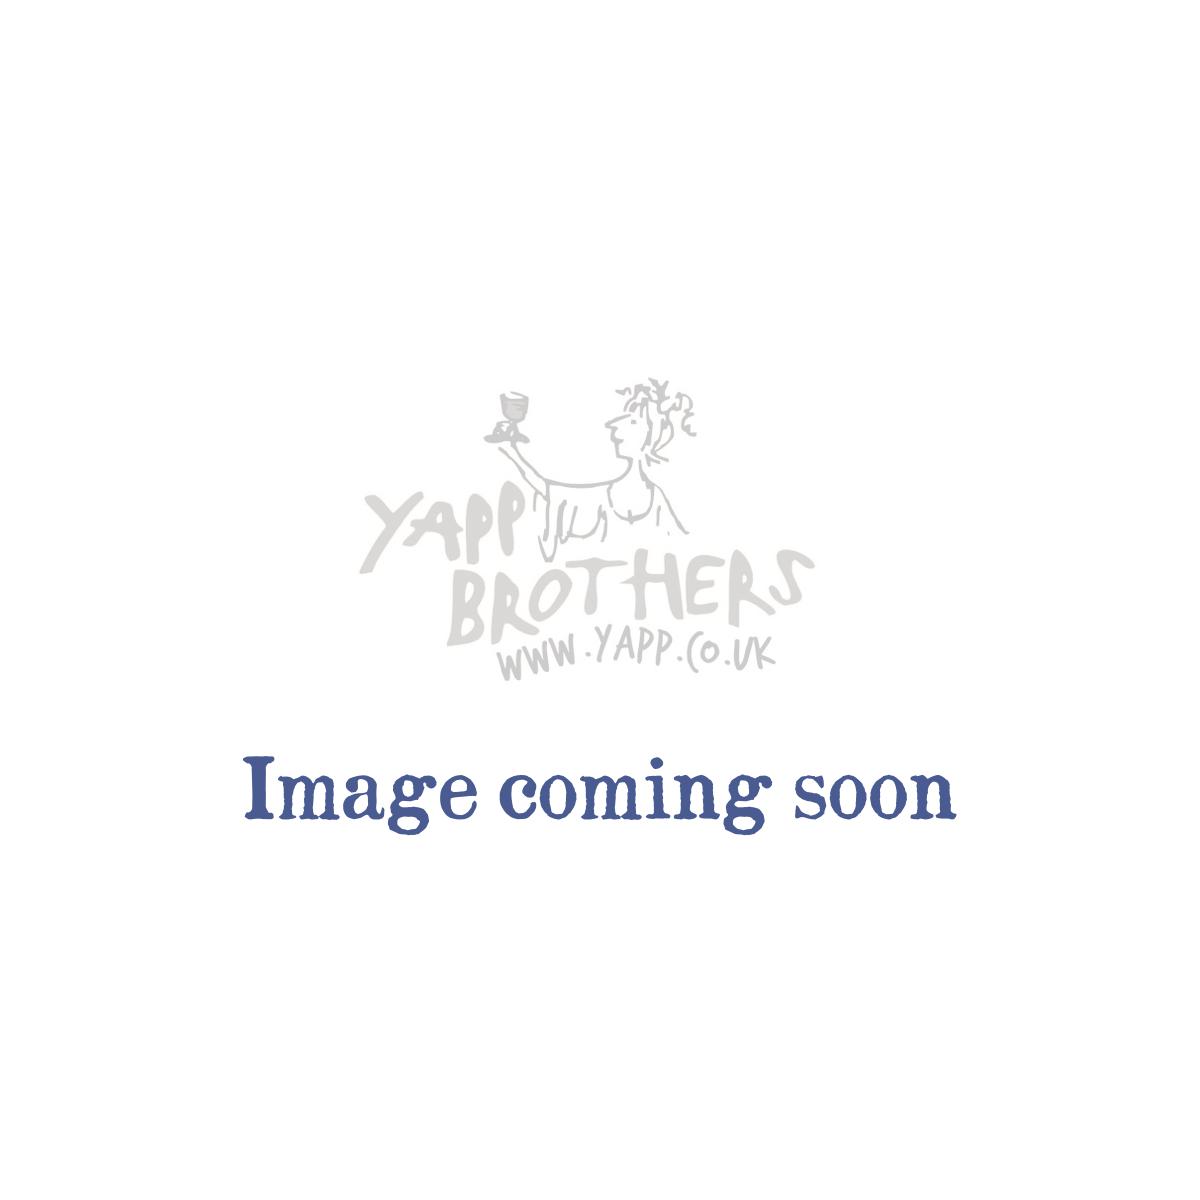 Rasteau: Domaine Saint Gayan 'Ilex' 2016 - Bottle Rear Label